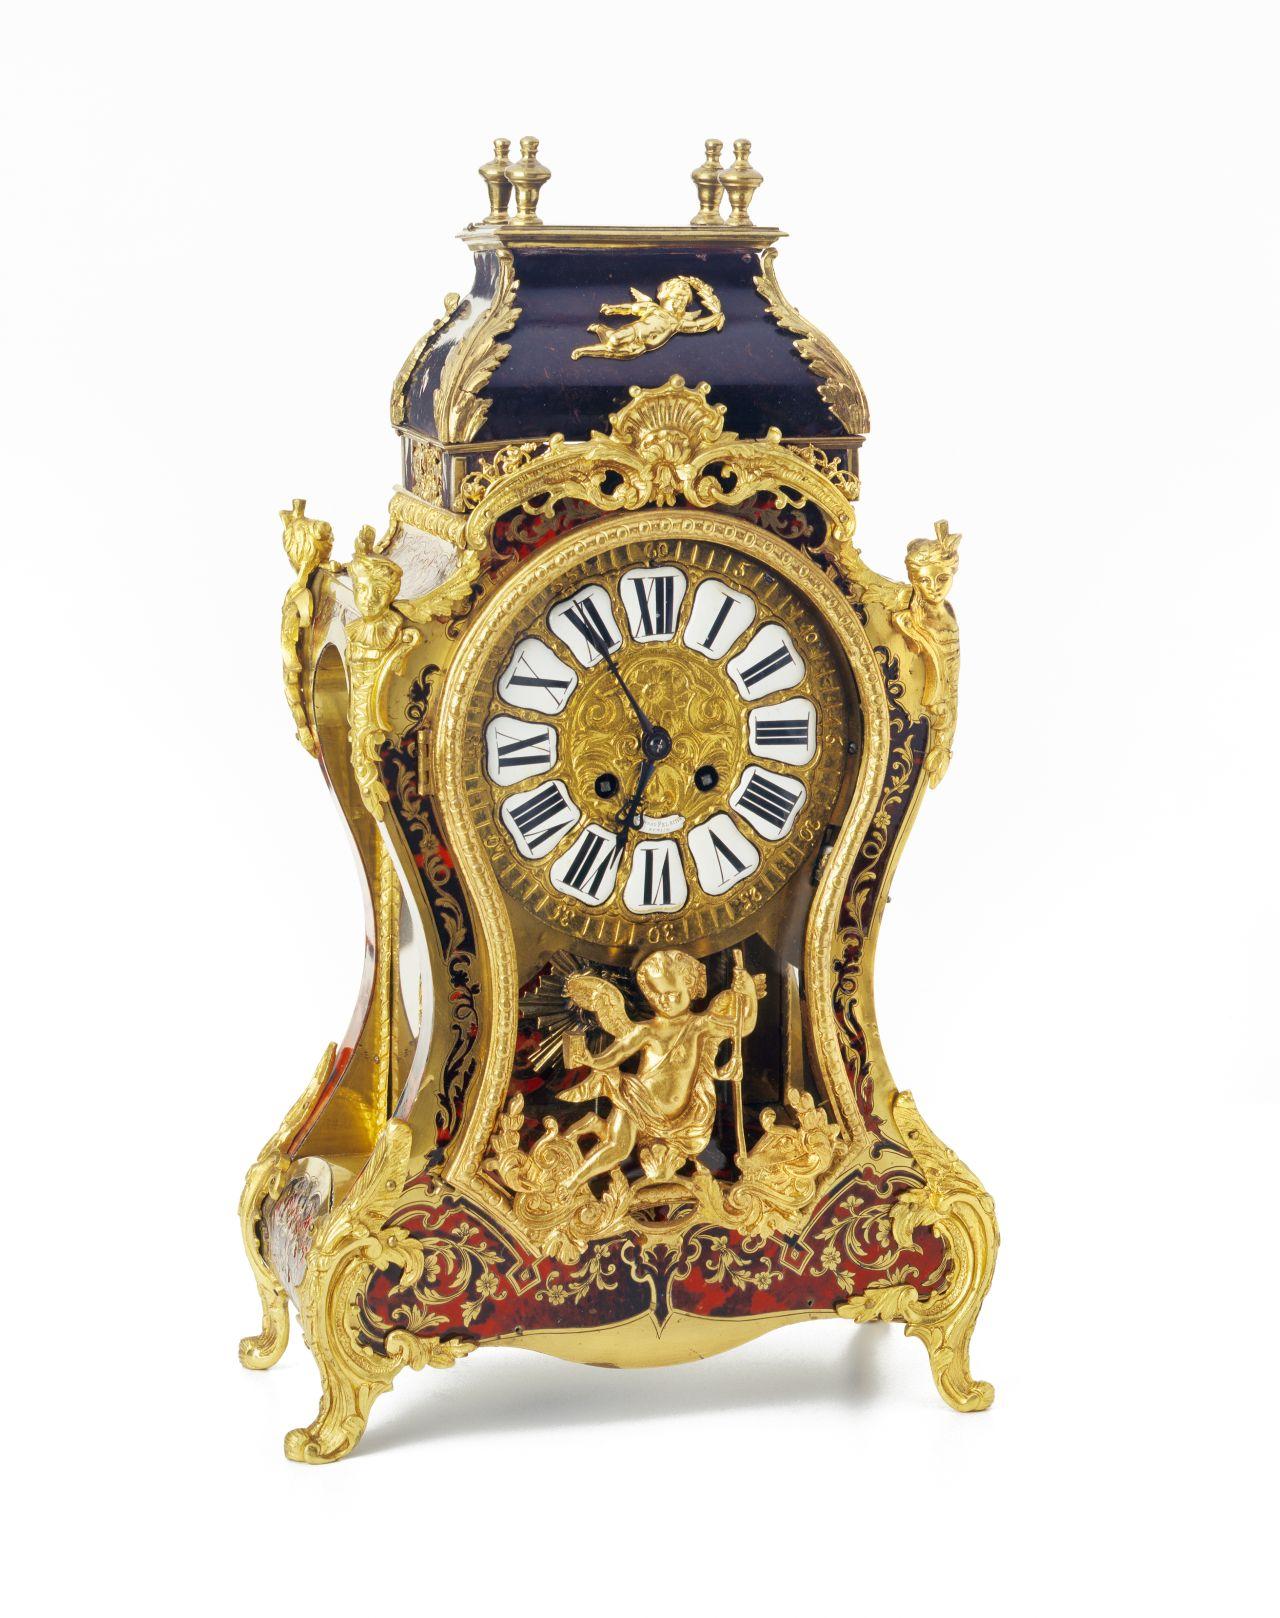 Antike Uhr in rotem Gehäuse mit goldenen Verzierungen